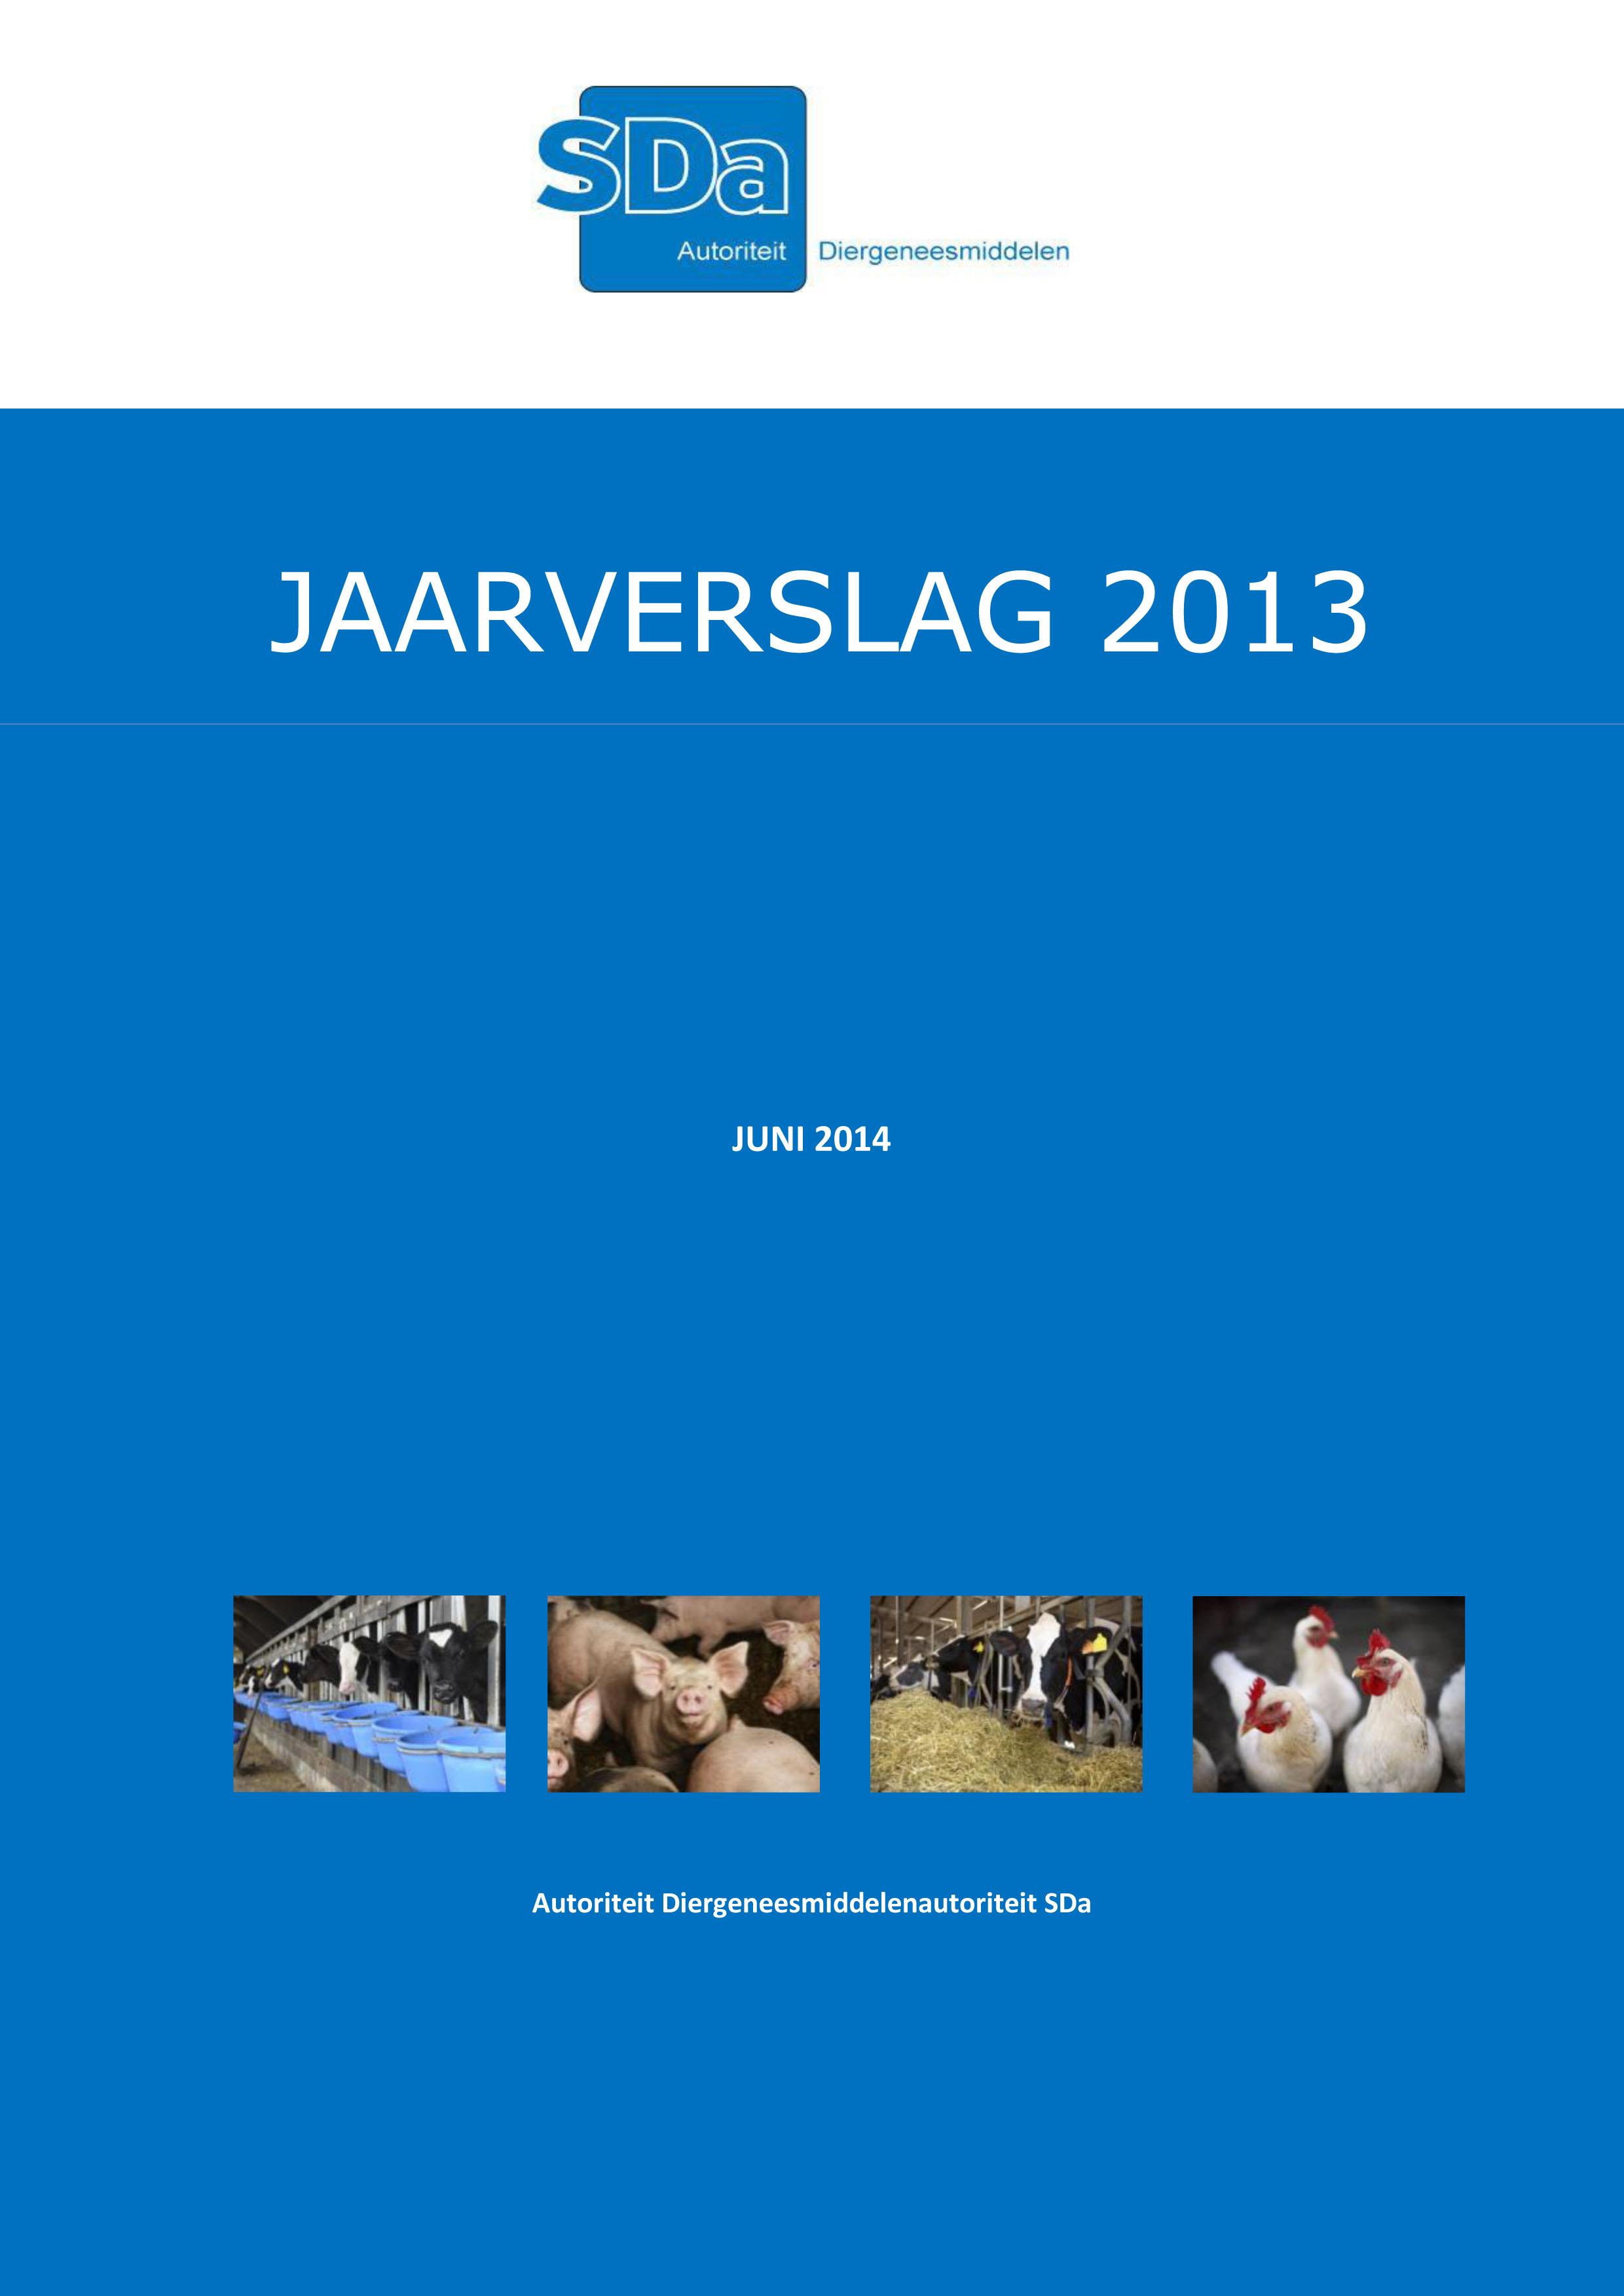 SDa-Jaarverslag 2013